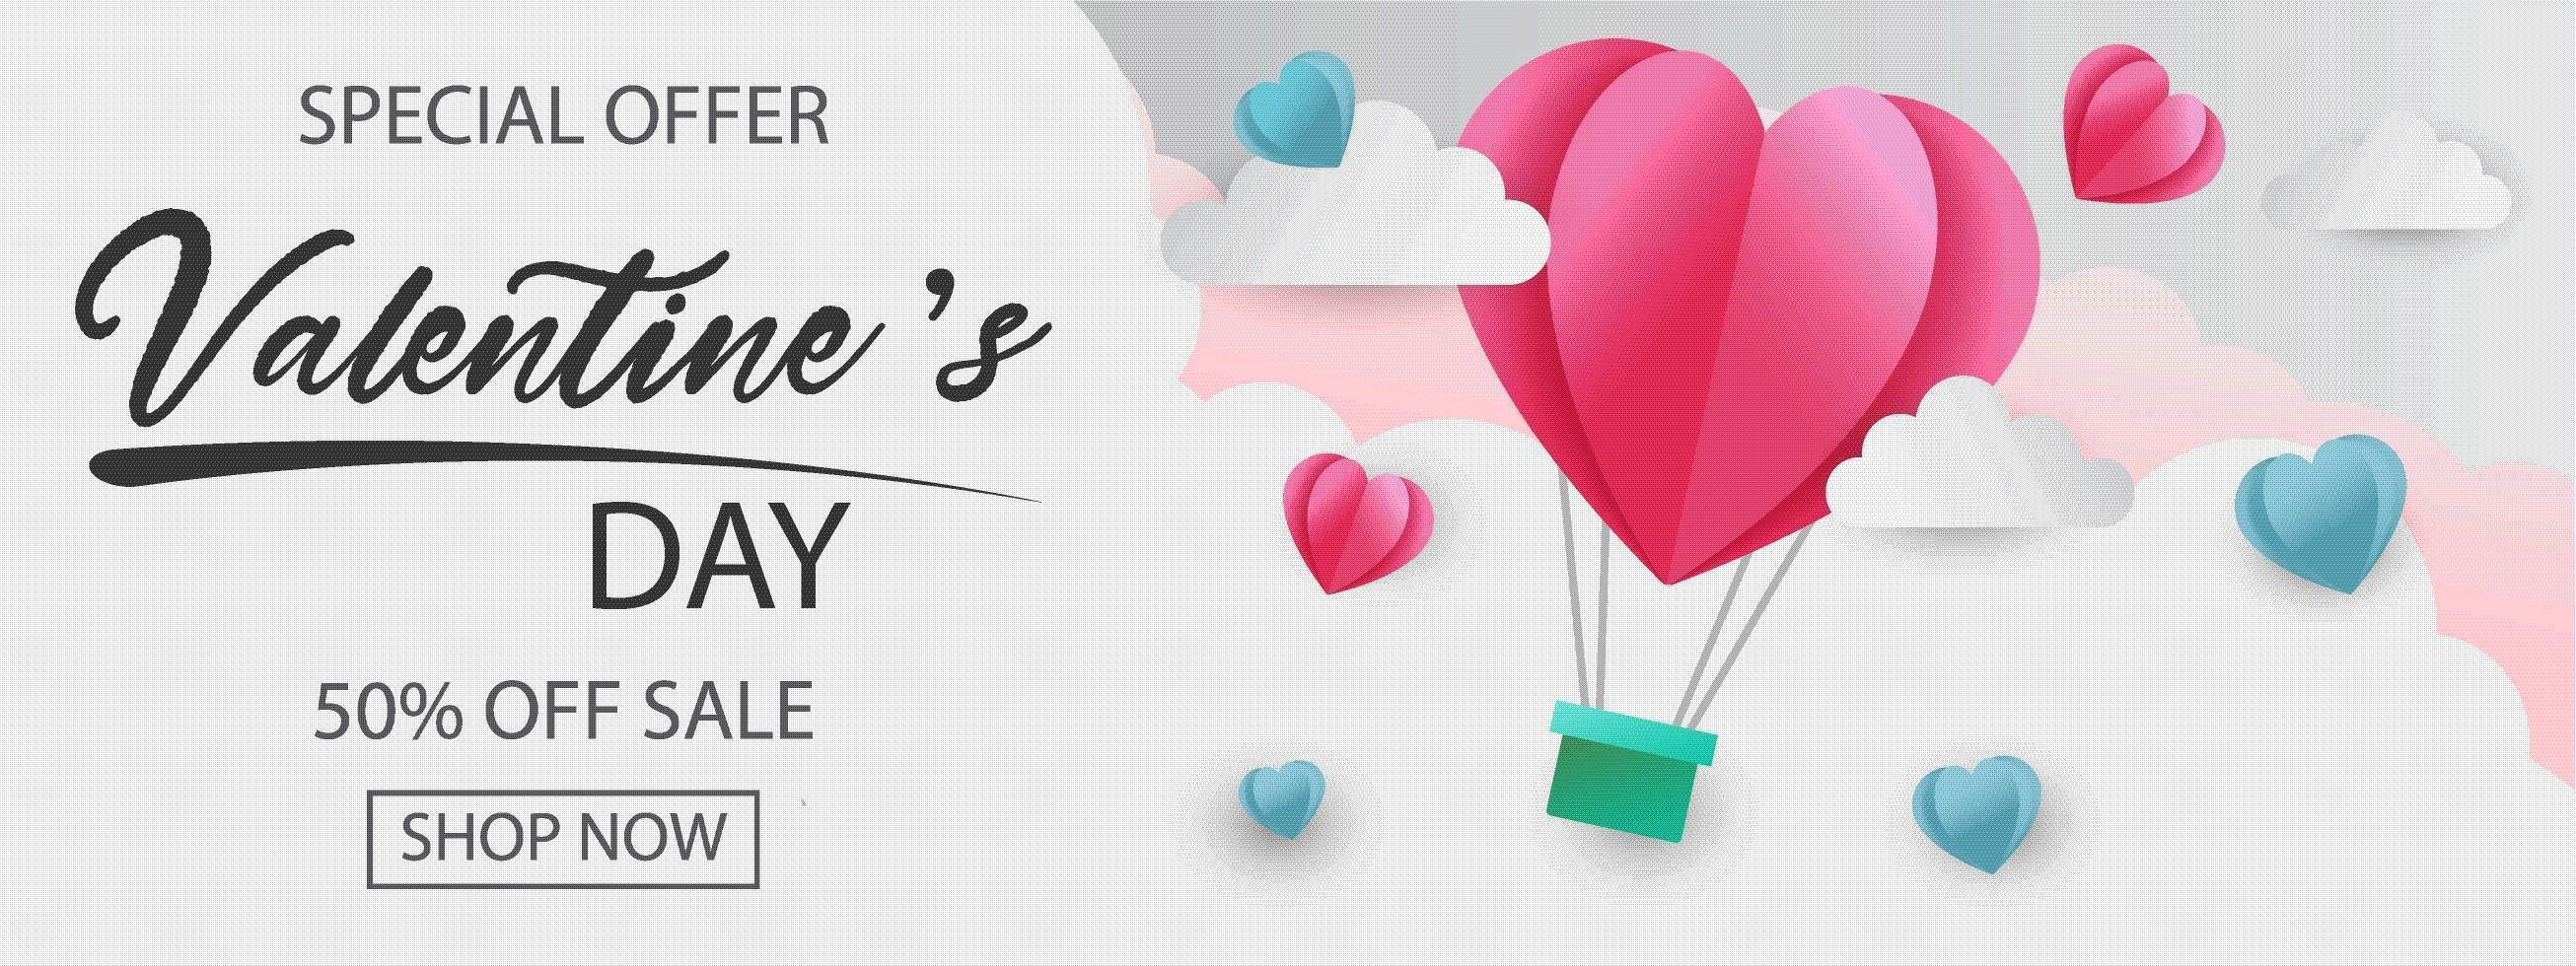 bannière de l'offre spéciale de la saint-valentin avec ballon coeur dans les nuages vecteur